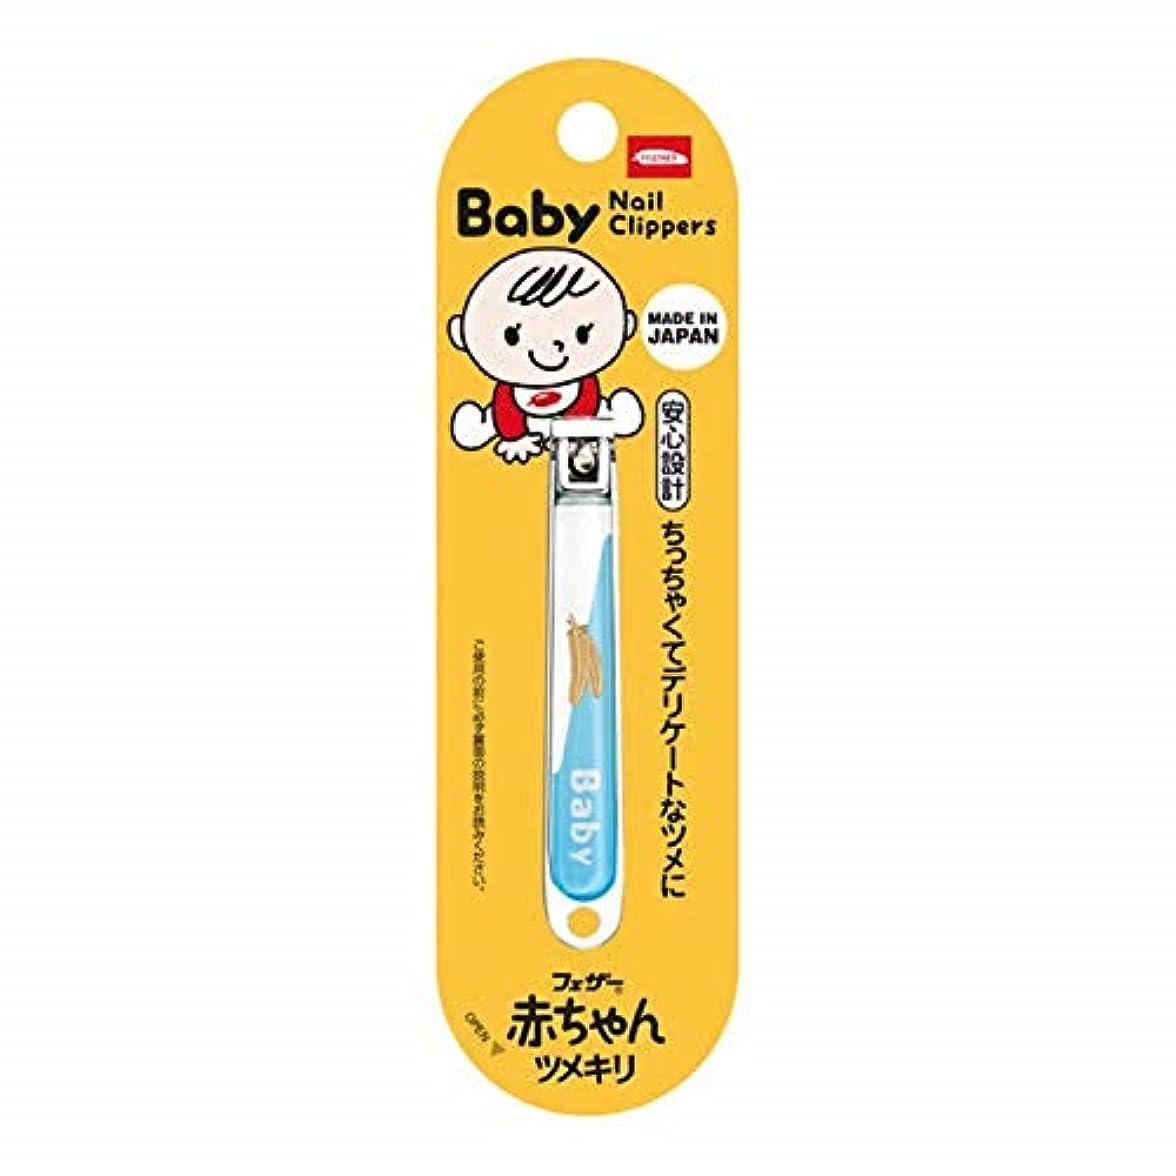 胚芽拾う無数のフェザー安全剃刀 フェザー赤ちゃんツメキリ 1個 爪切り